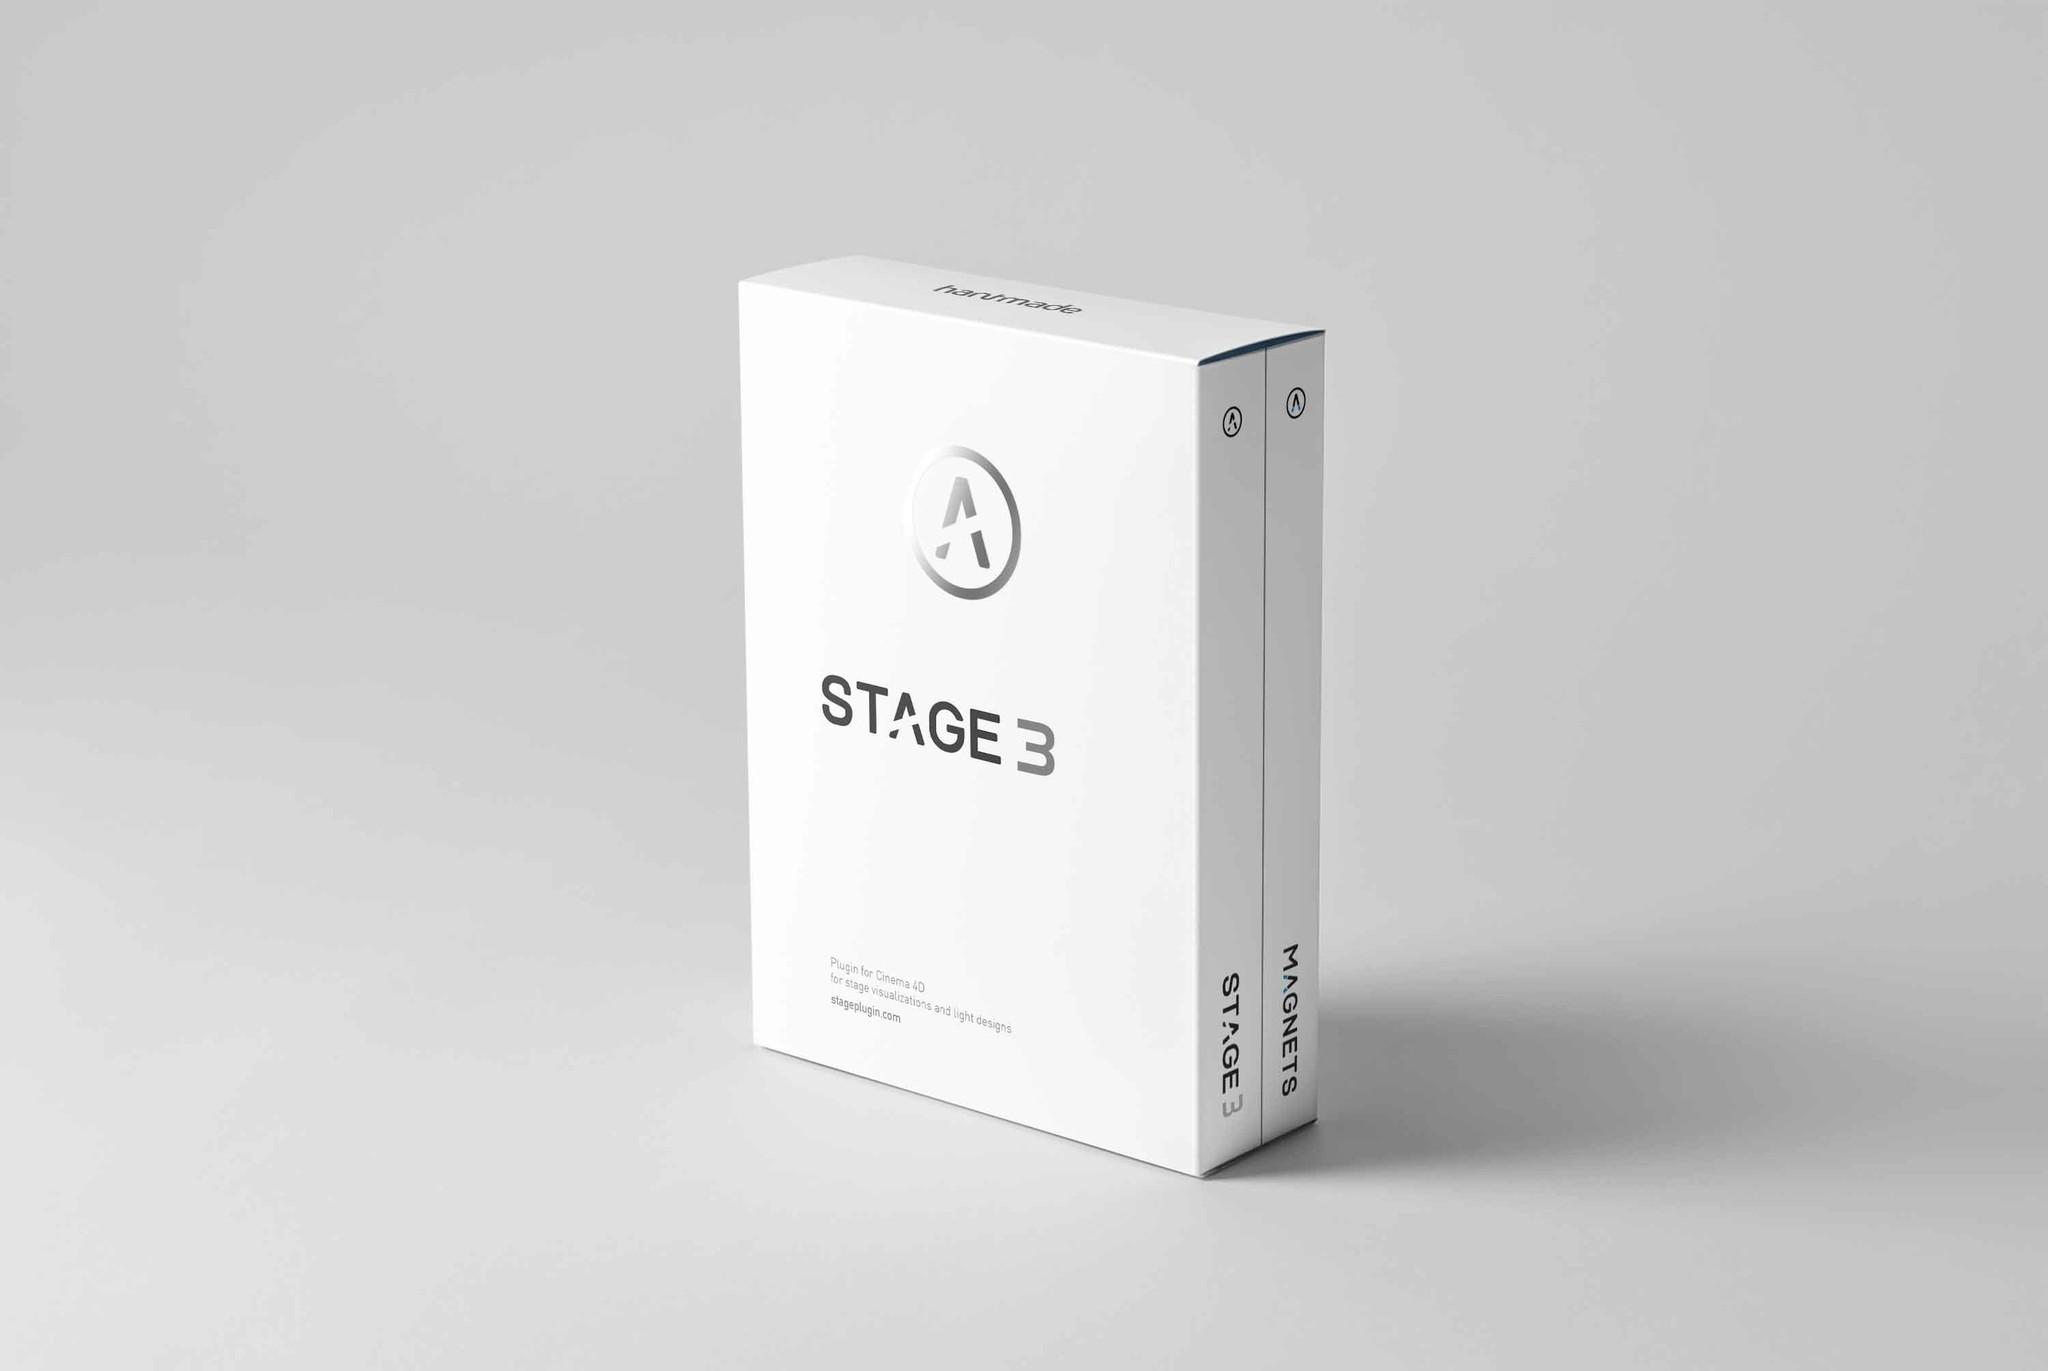 Stage 3 - Cinema 4D plugin